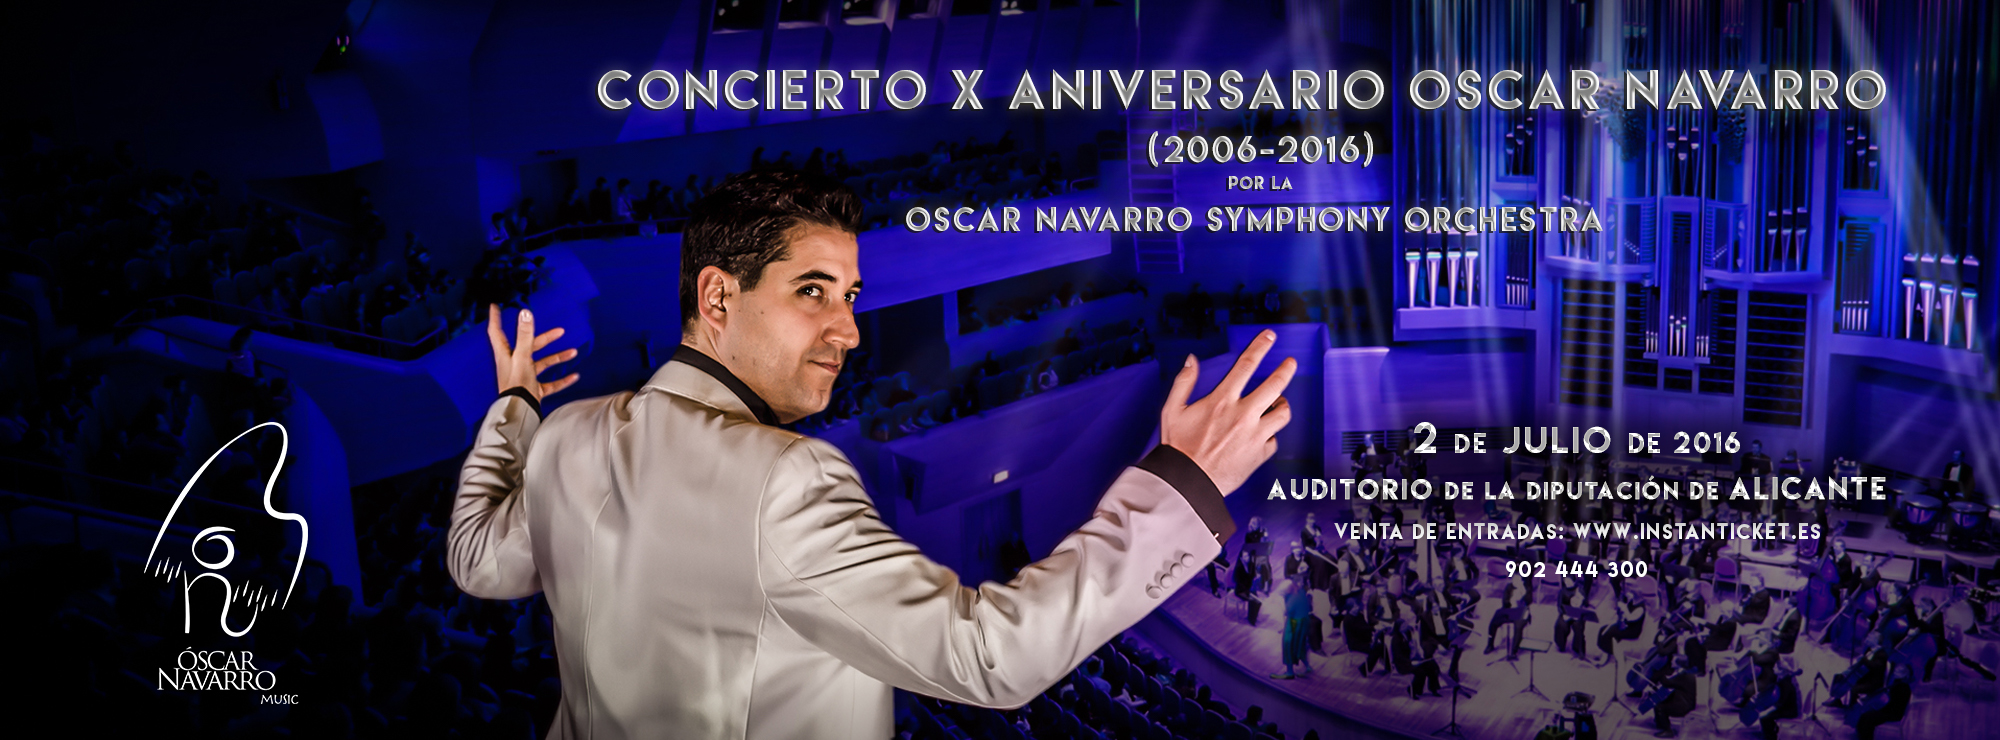 Cartel del concierto por el décimo aniversario de Óscar Navarro.